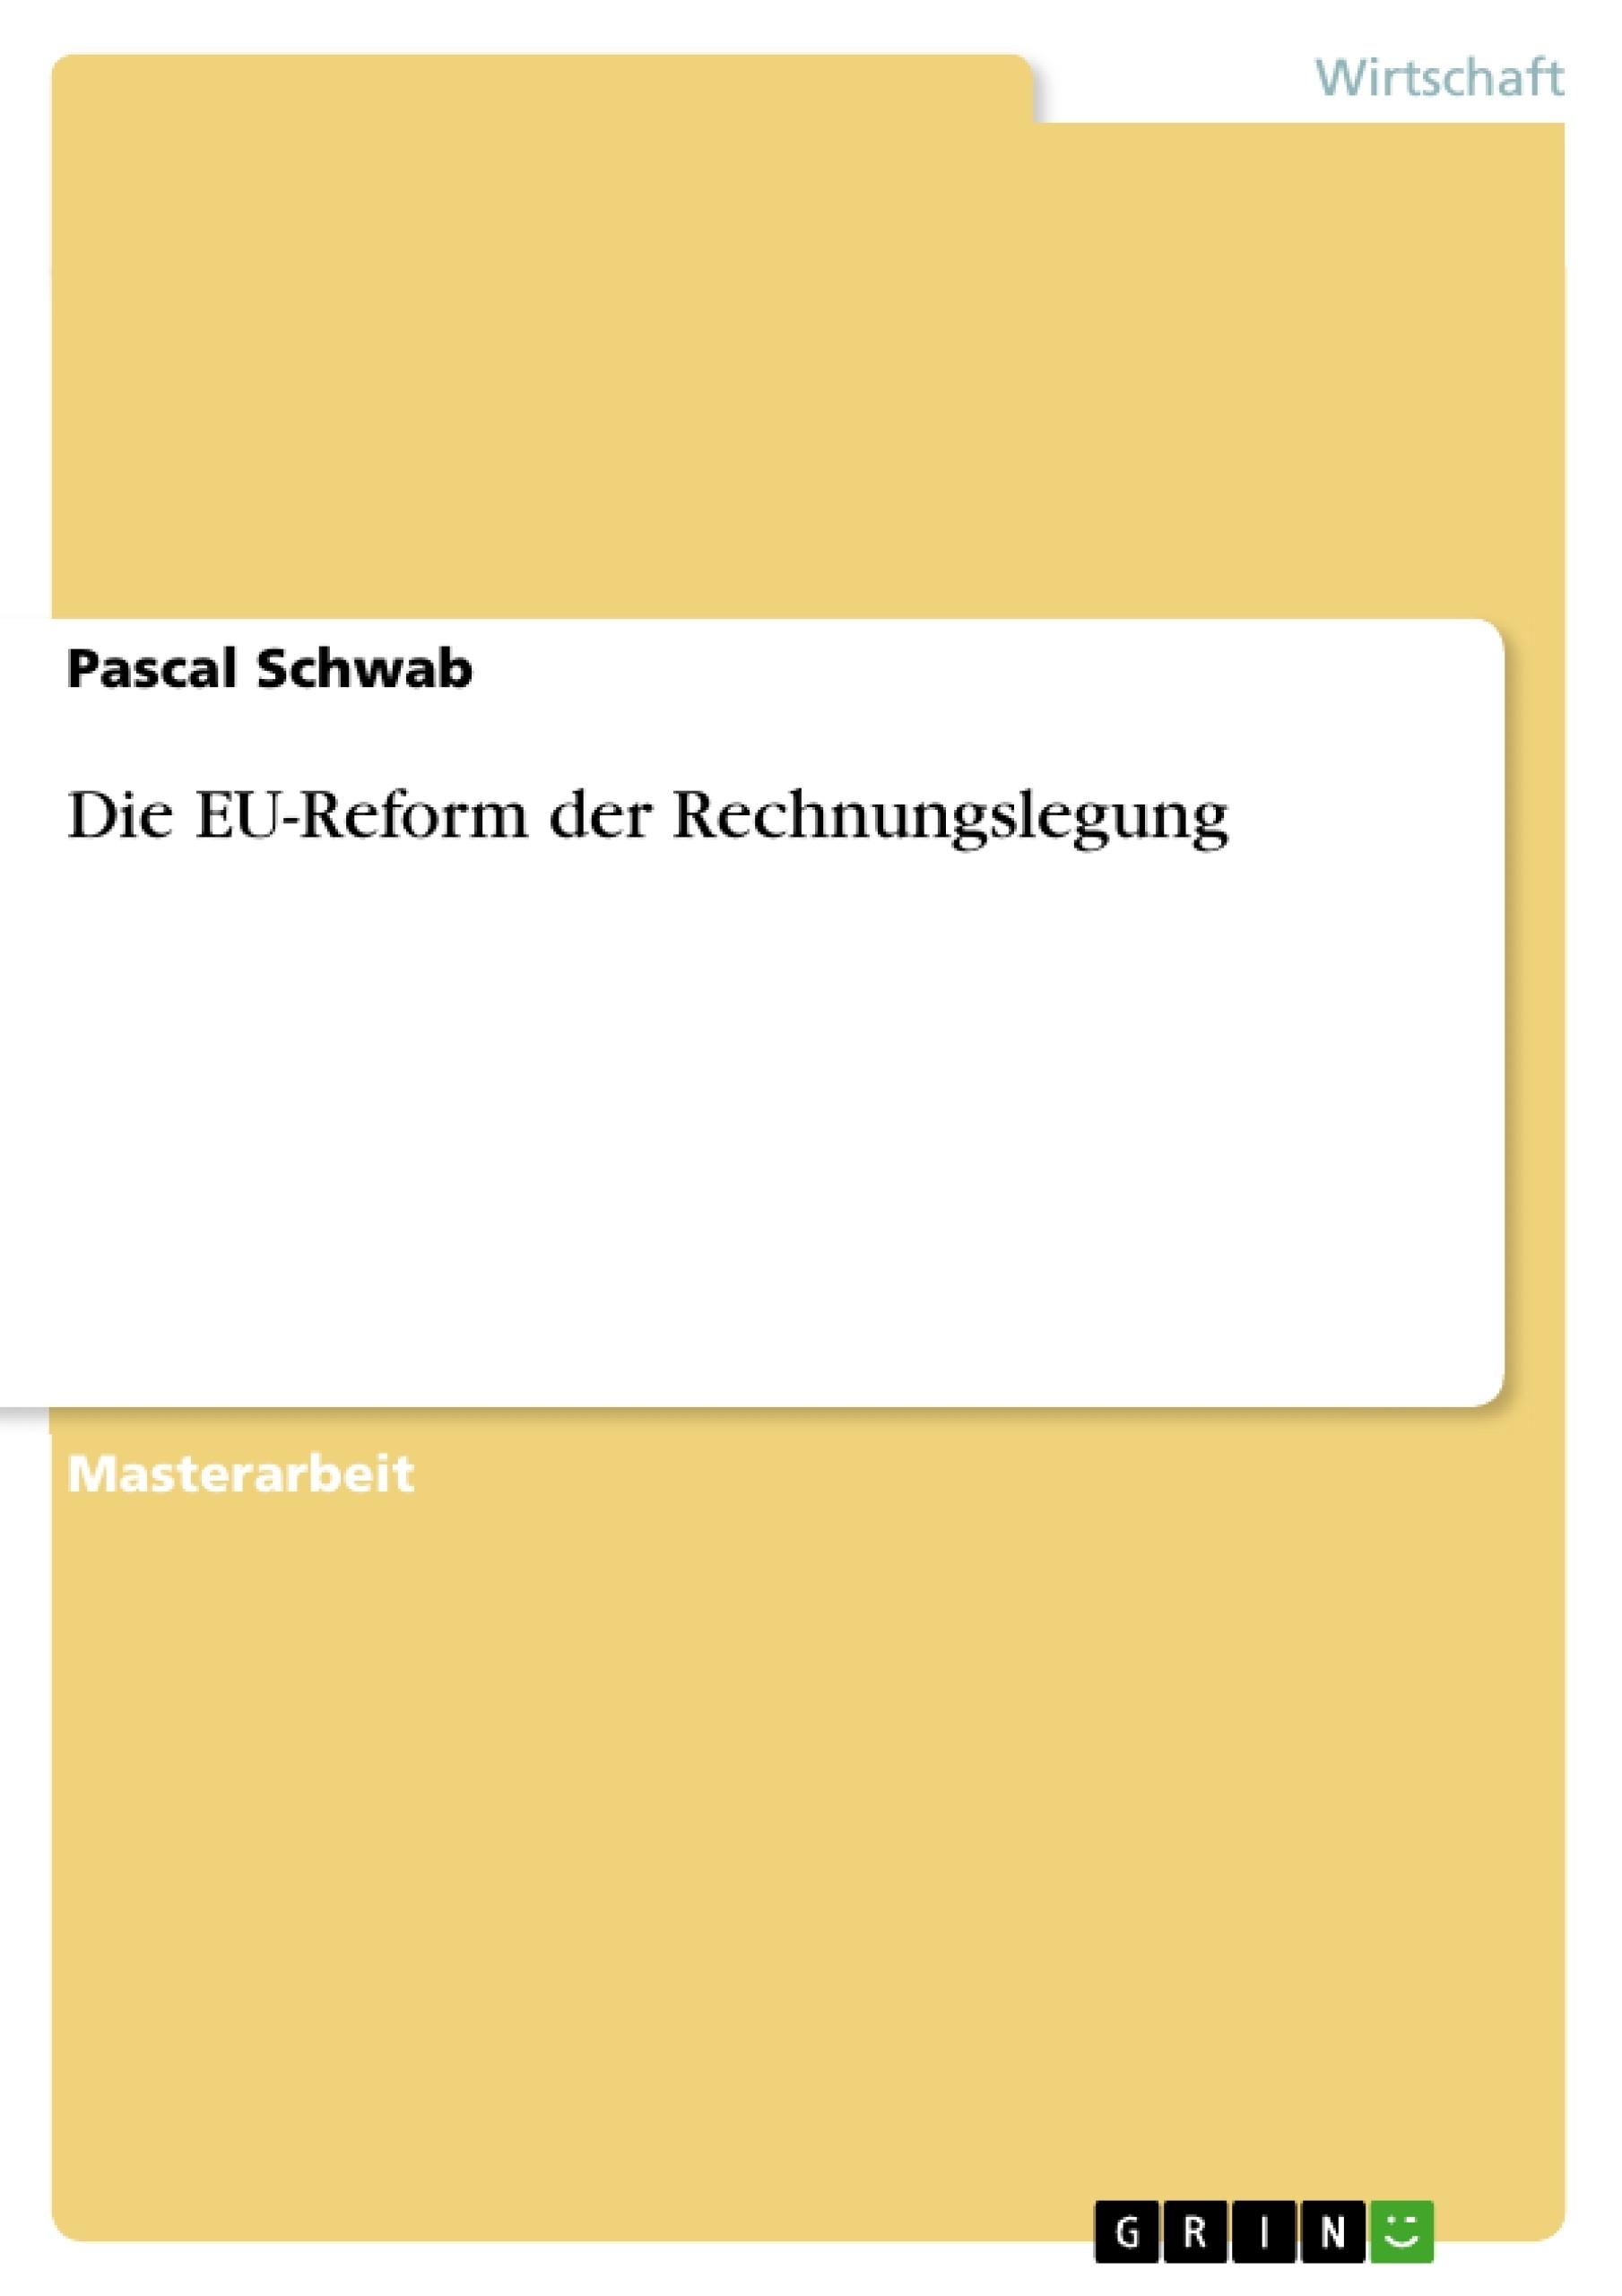 Titel: Die EU-Reform der Rechnungslegung